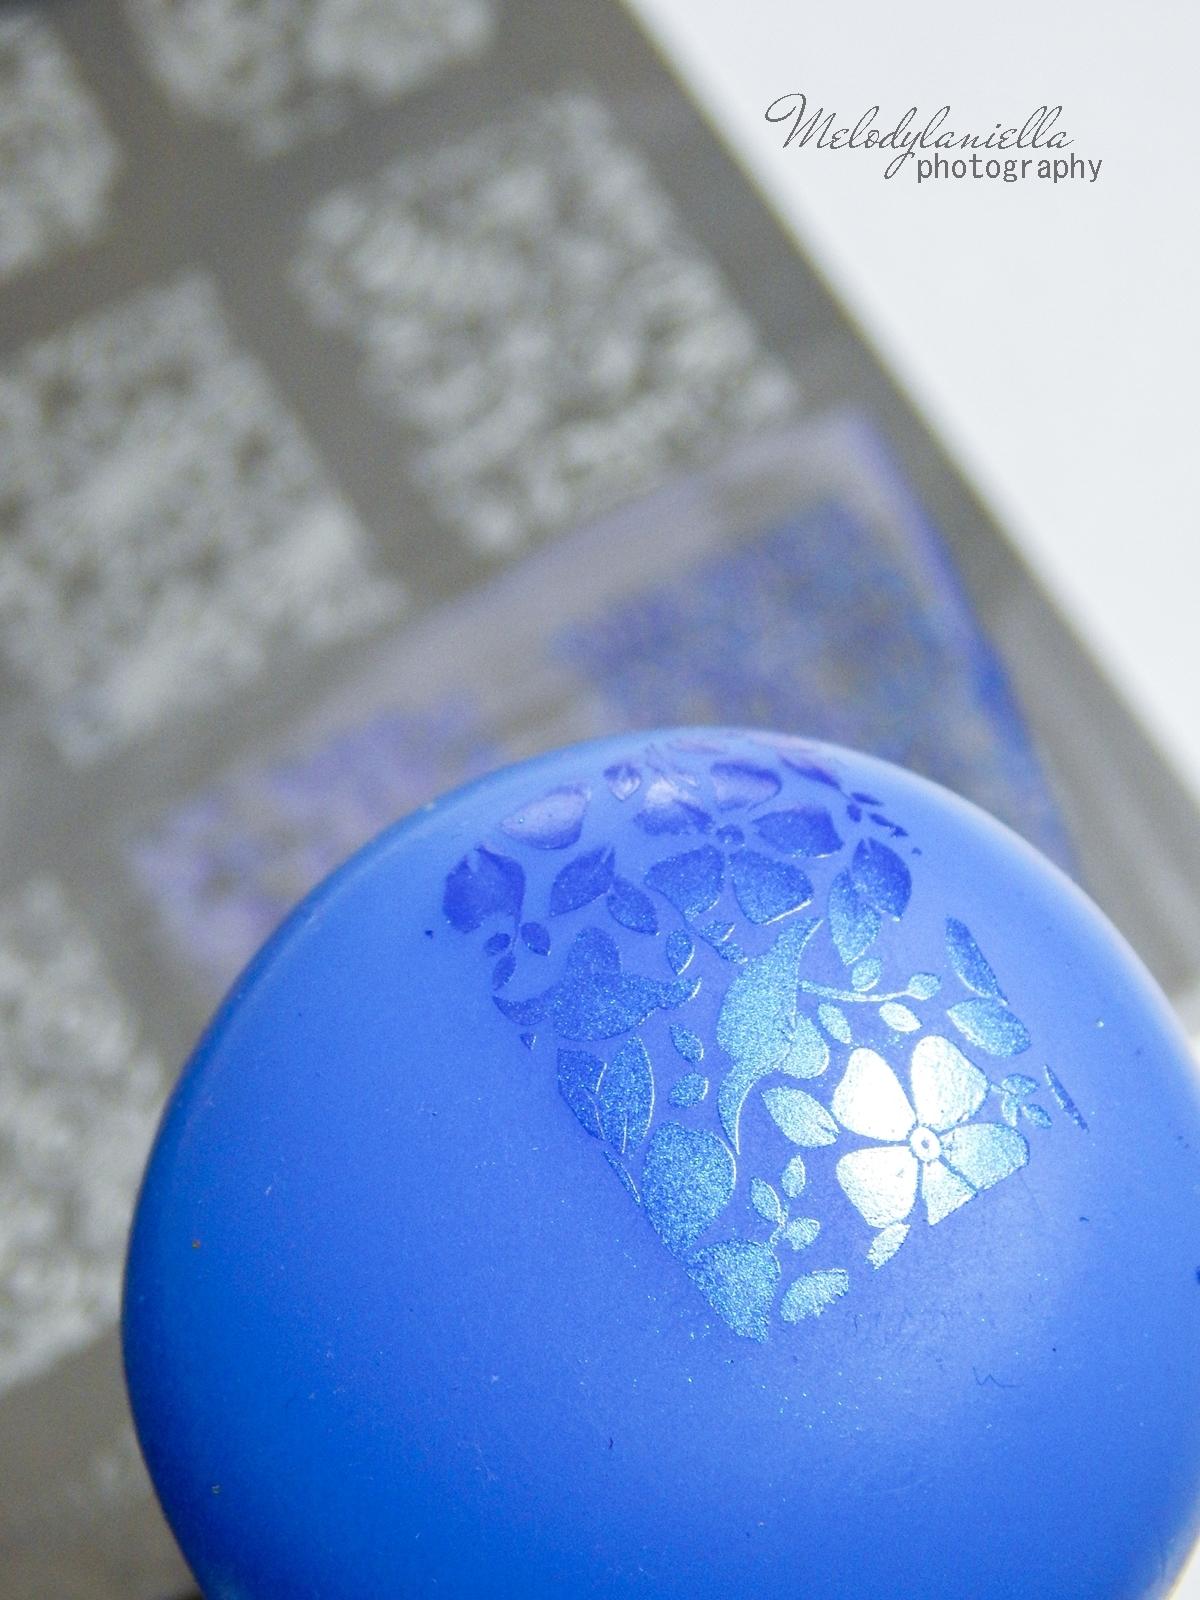 _4 nagłówek stemplowanie paznokci jak stemplować paznokcie produkty płytki lakiery do stemplowania b loves plates